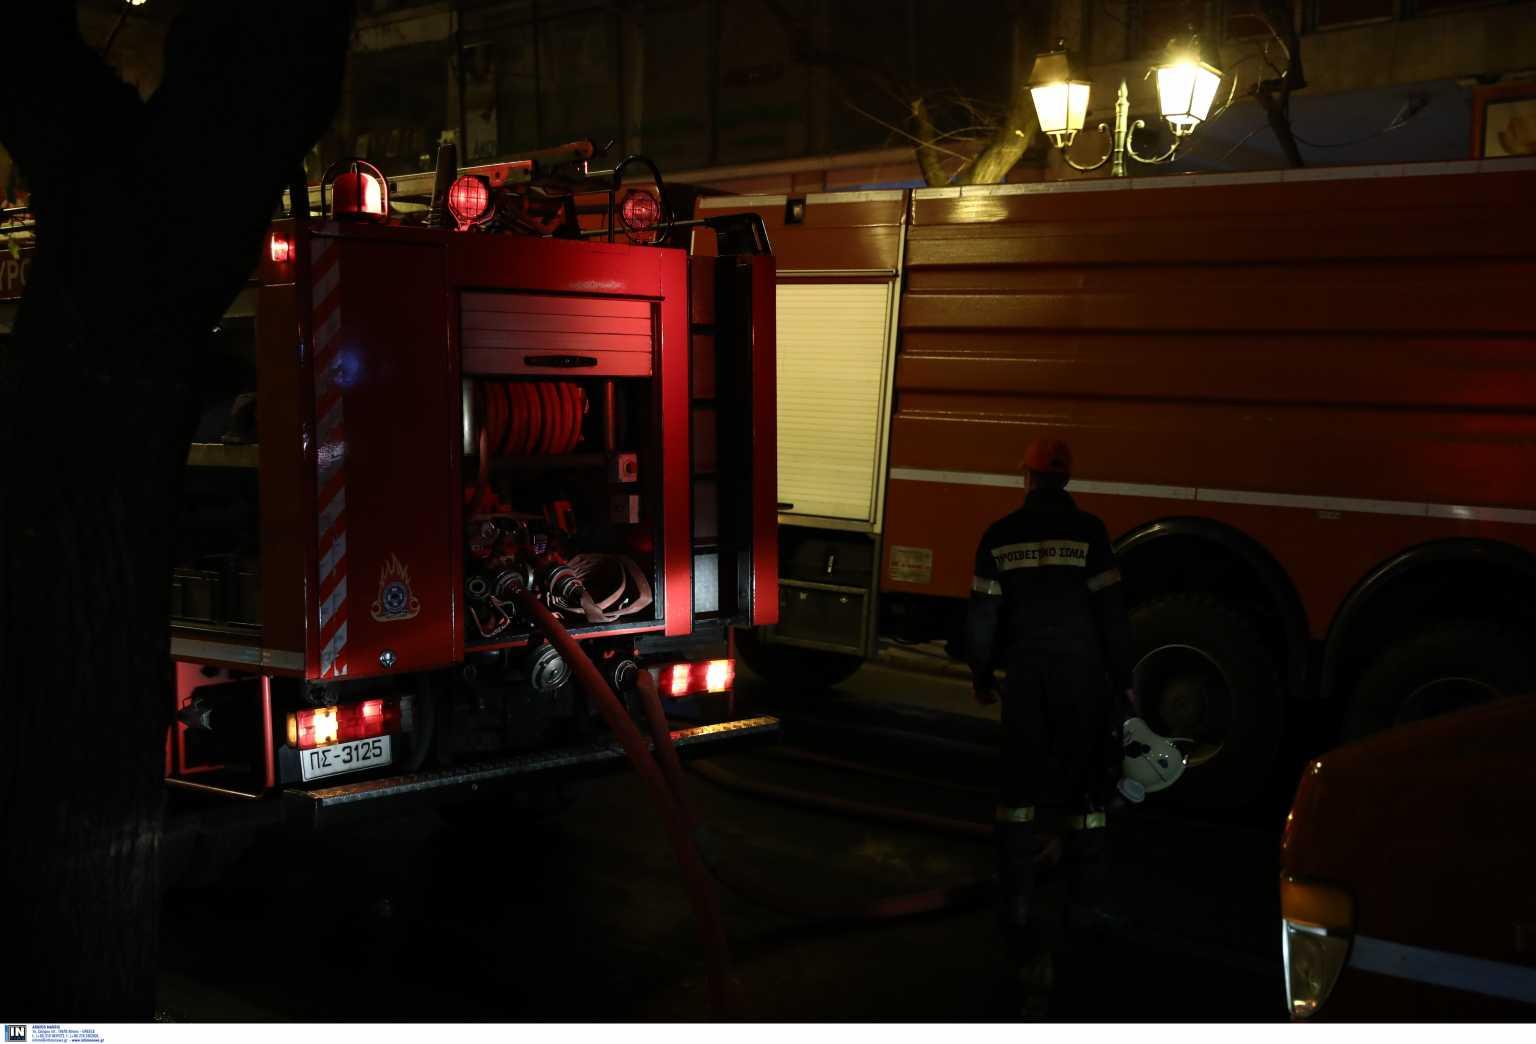 Μεσολόγγι: 3 σπίτια έχουν τυλιχθεί στις φλόγες στην περιοχή Σταμνά